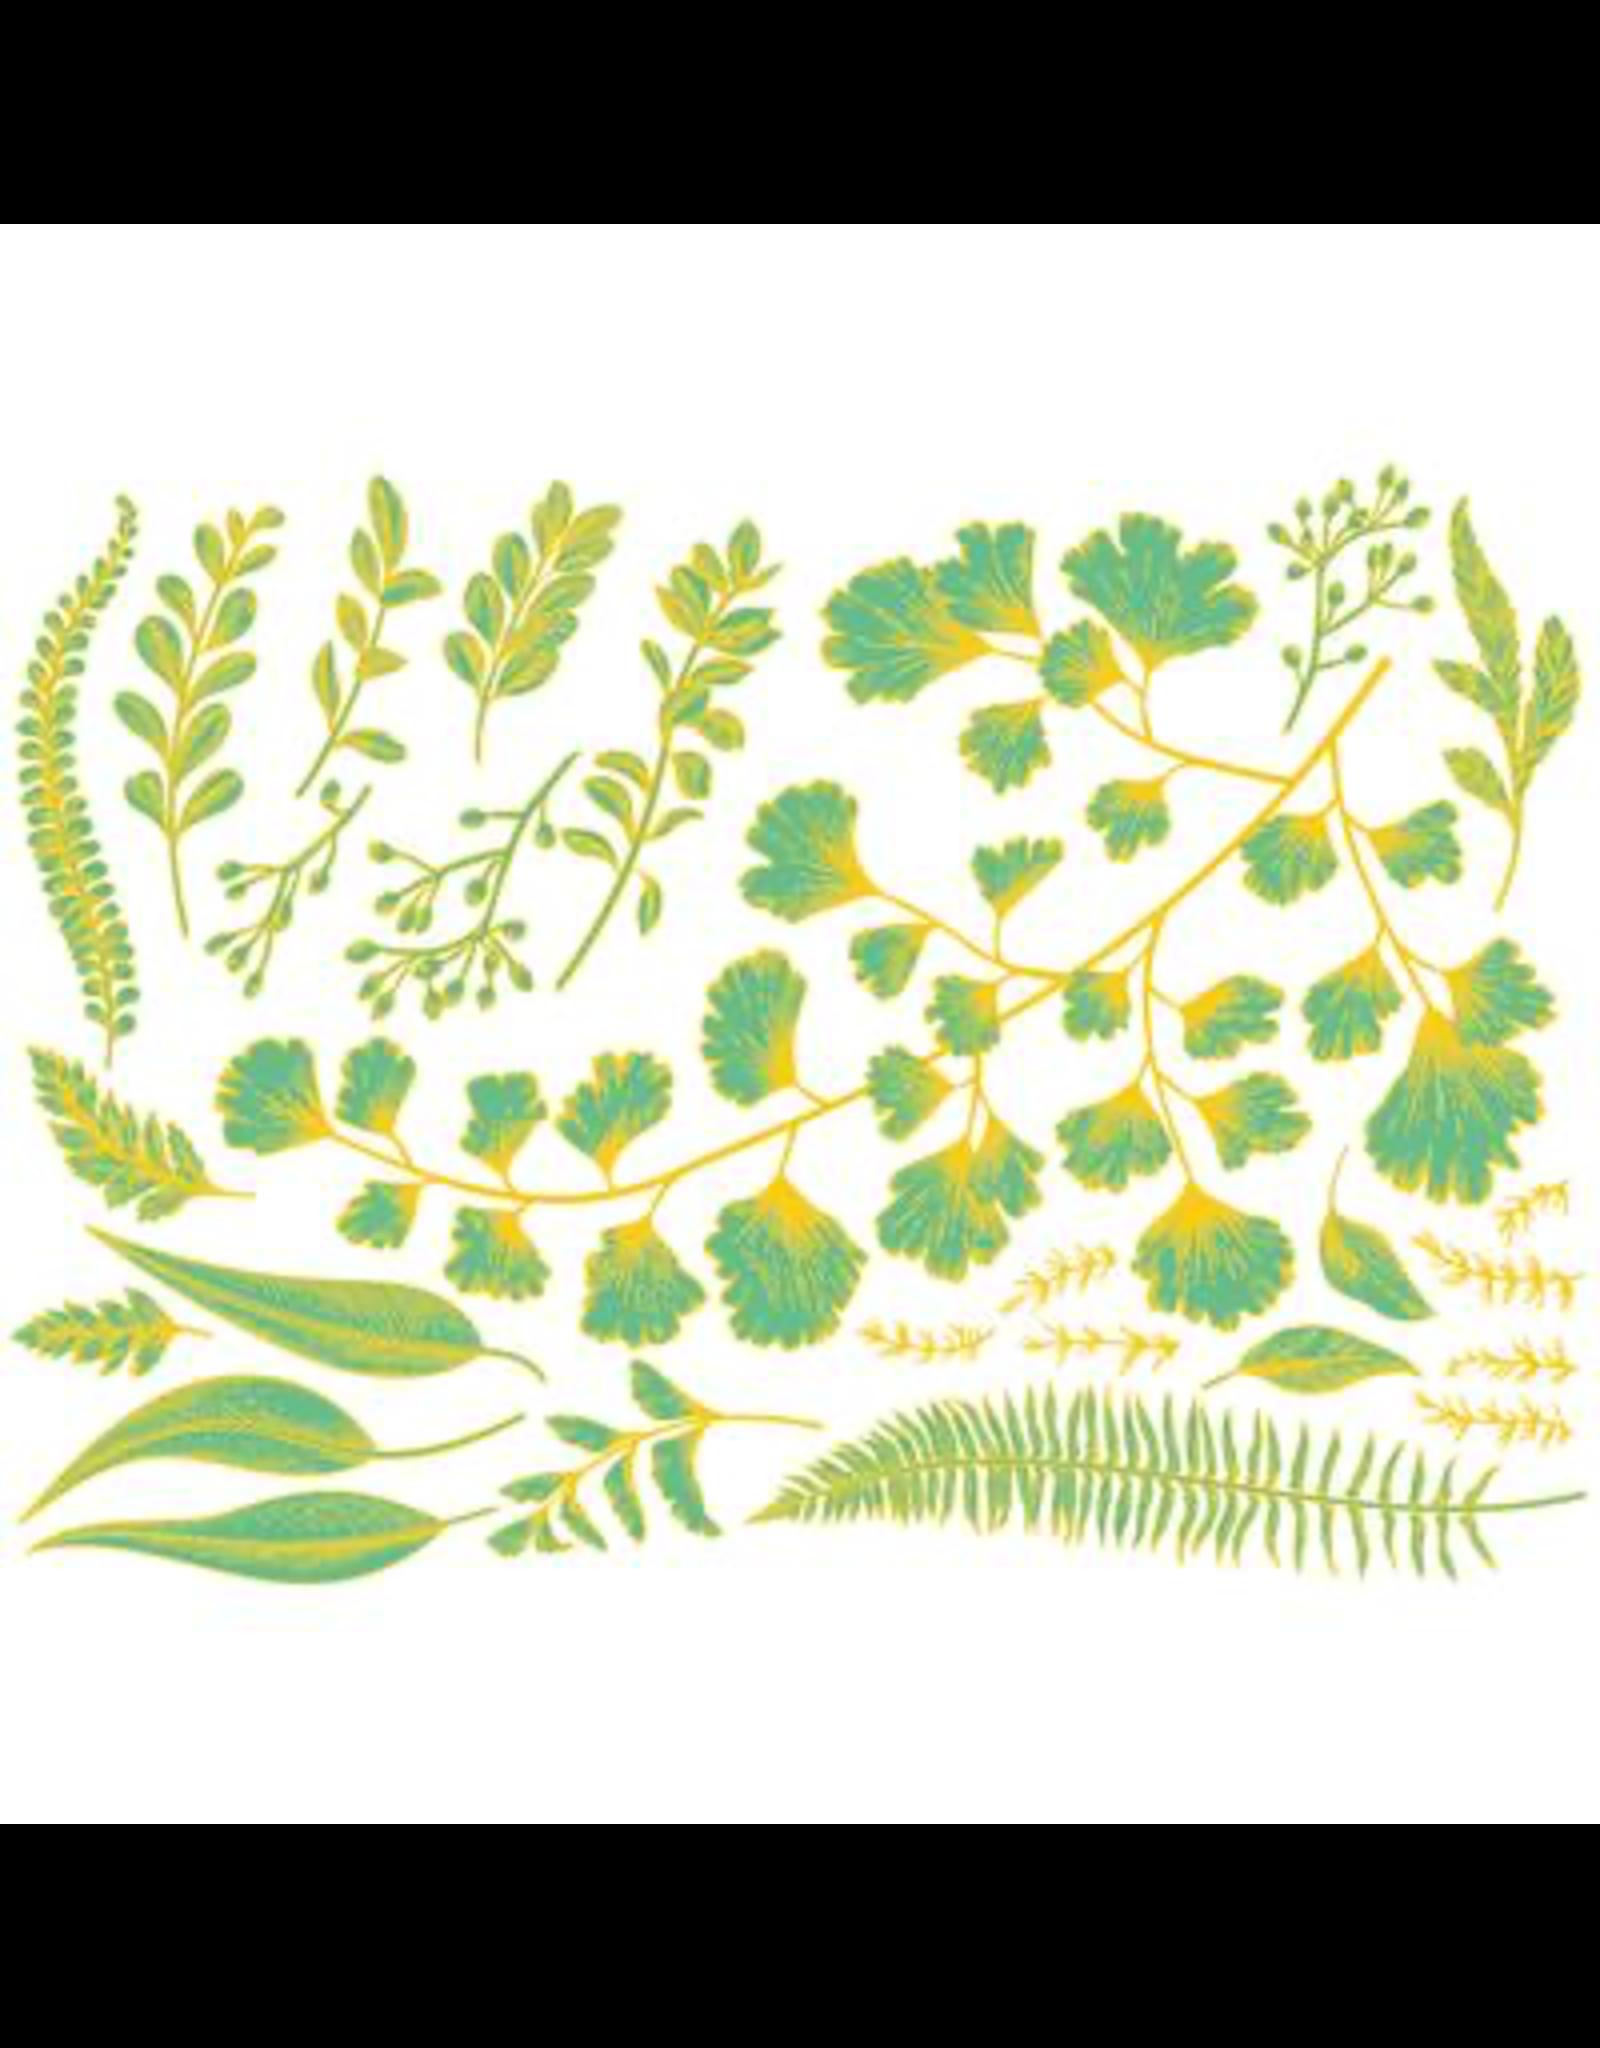 Sanbao Teal & Gold - Leaf